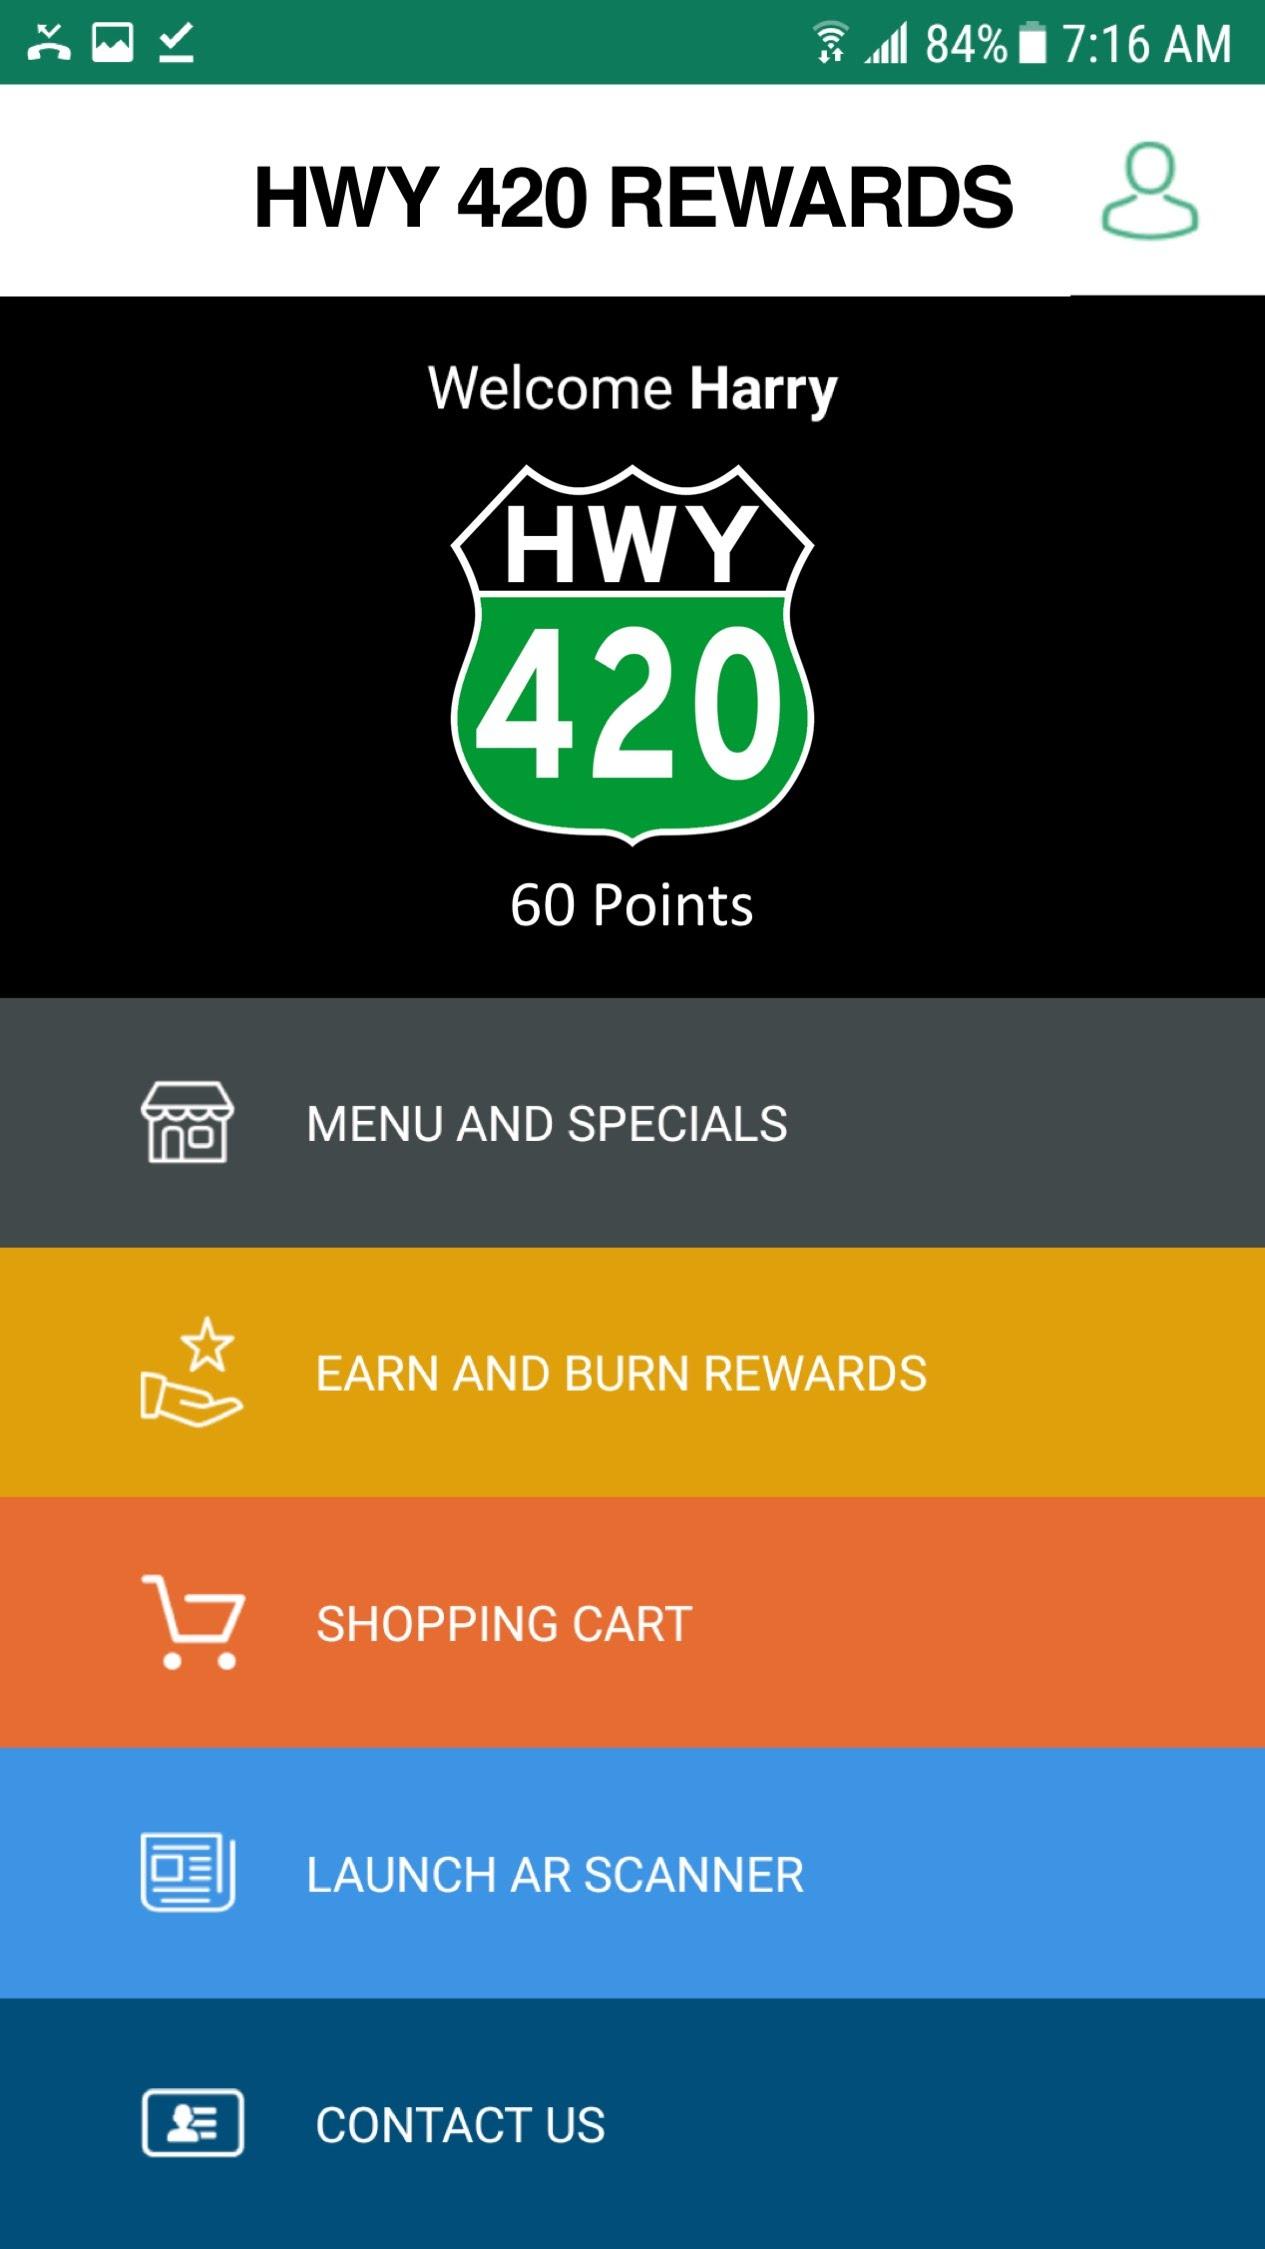 HWY 420 APP LAYOUT 5.jpg